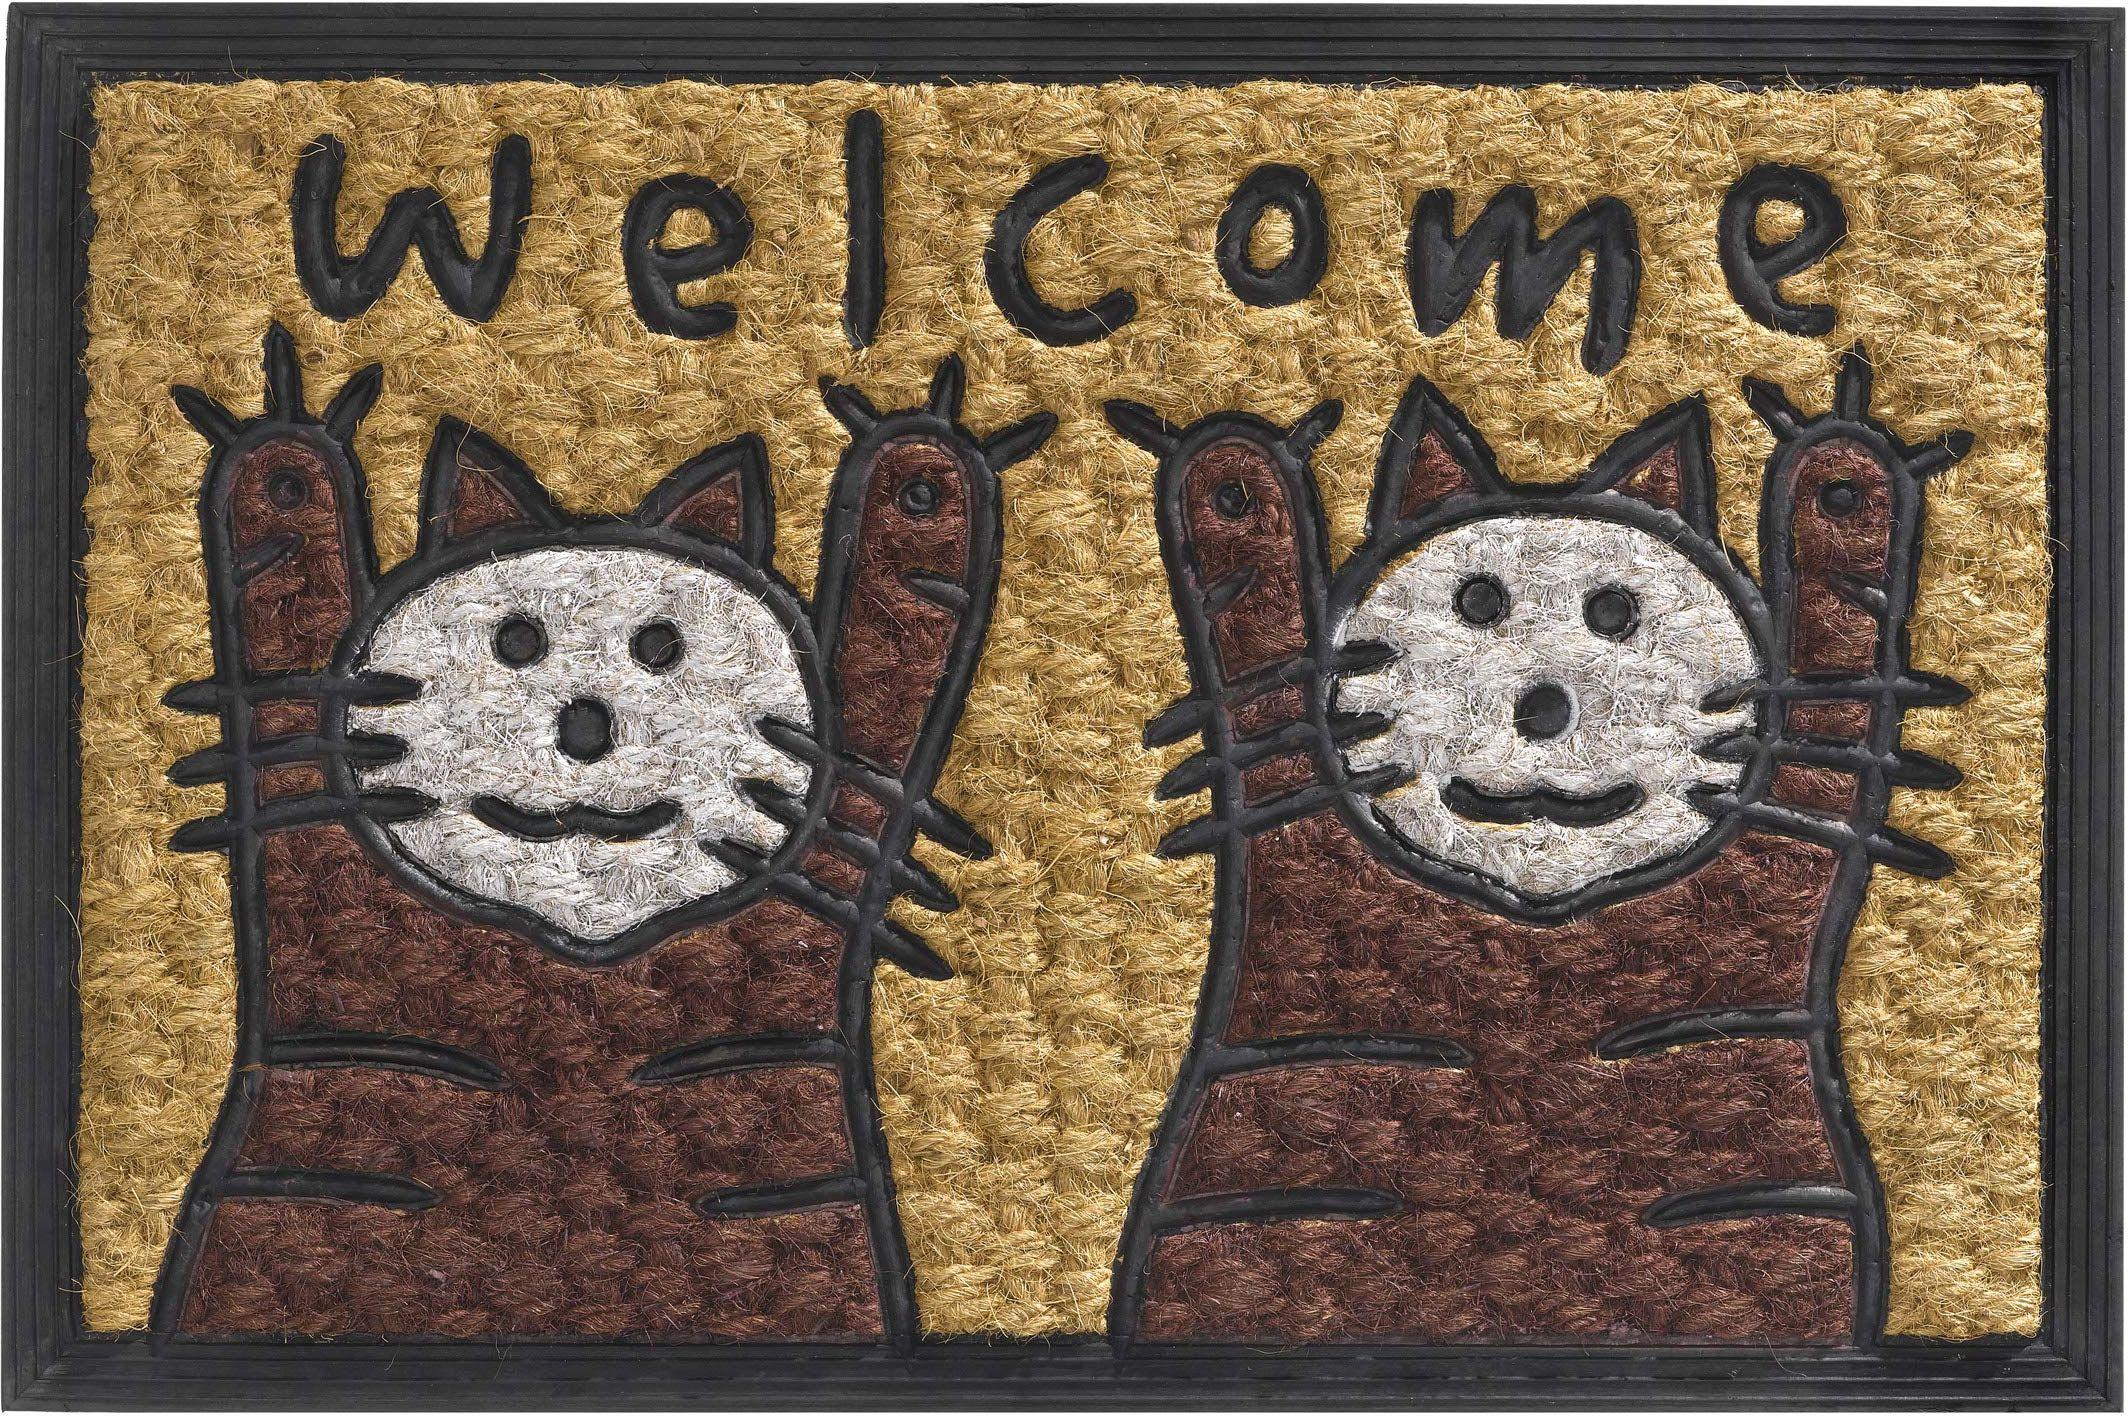 Boucara wycieraczka do użytku wewnątrz i na zewnątrz, włókno kokosowe i guma, motyw koty, 40 x 60 cm